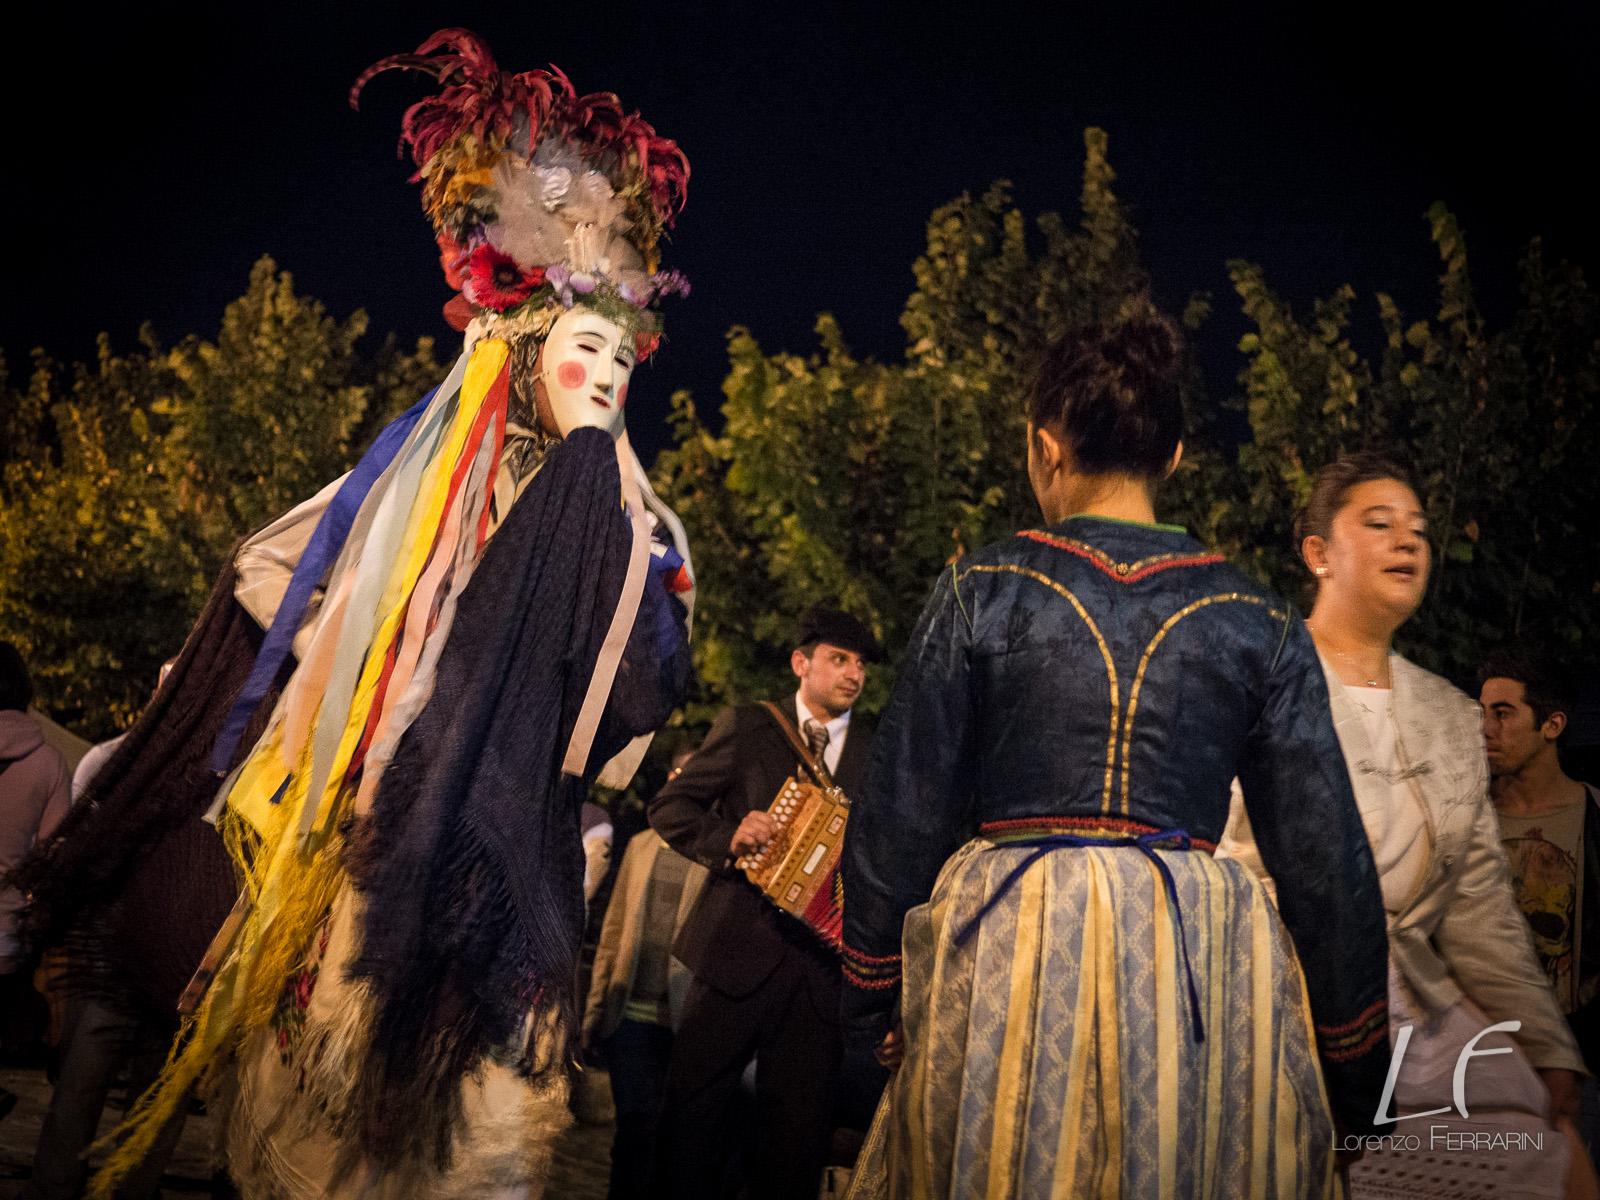 radicazioni festival